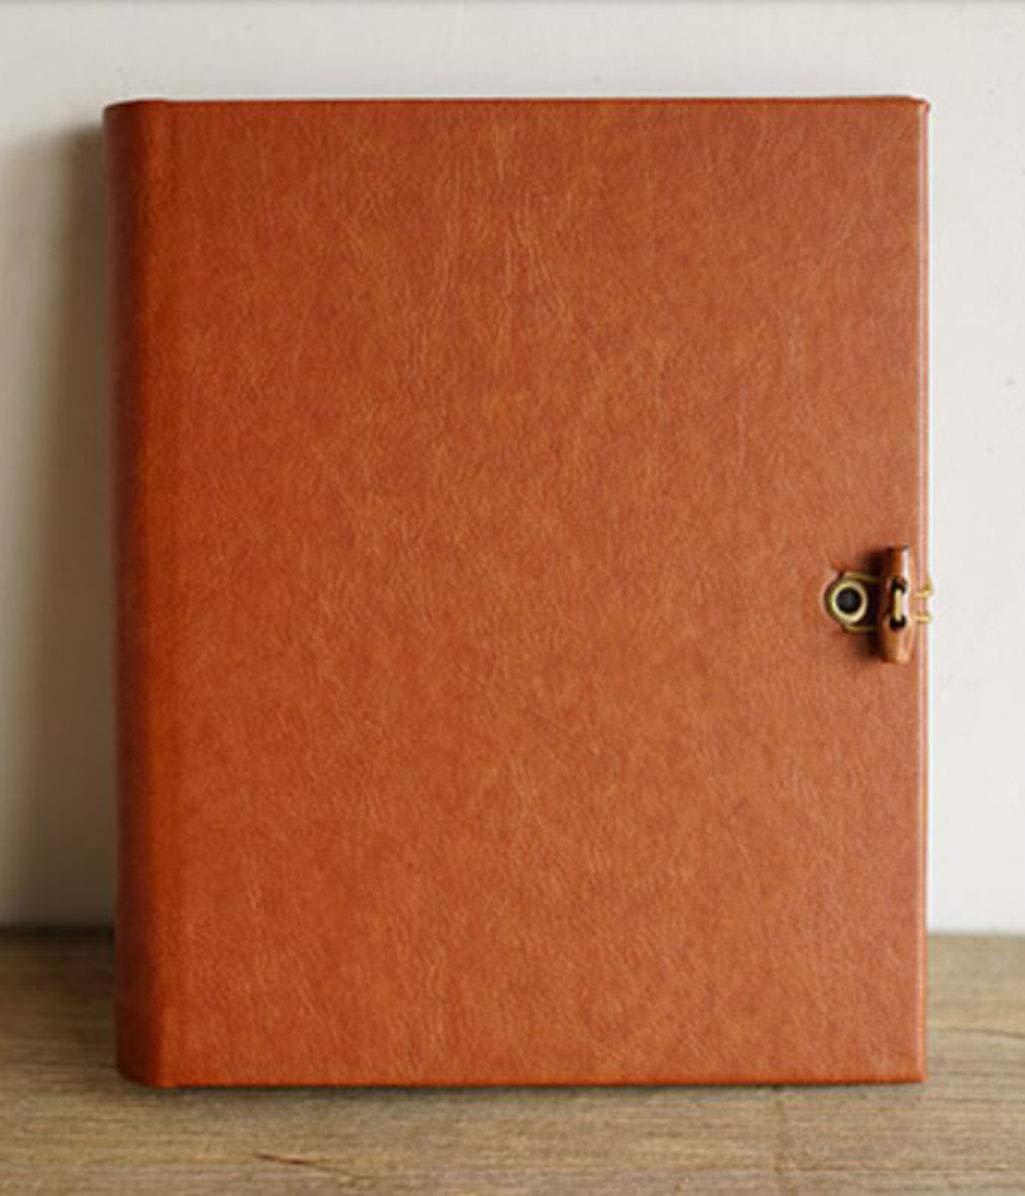 MYYDD Selbstklebendes Fotoalbum, Lederholz Schnalle DIY Loose-Blatt-Handbuch Kreativ PP interpage feuchtigkeitssicheres Album Paste Album,rotbraun